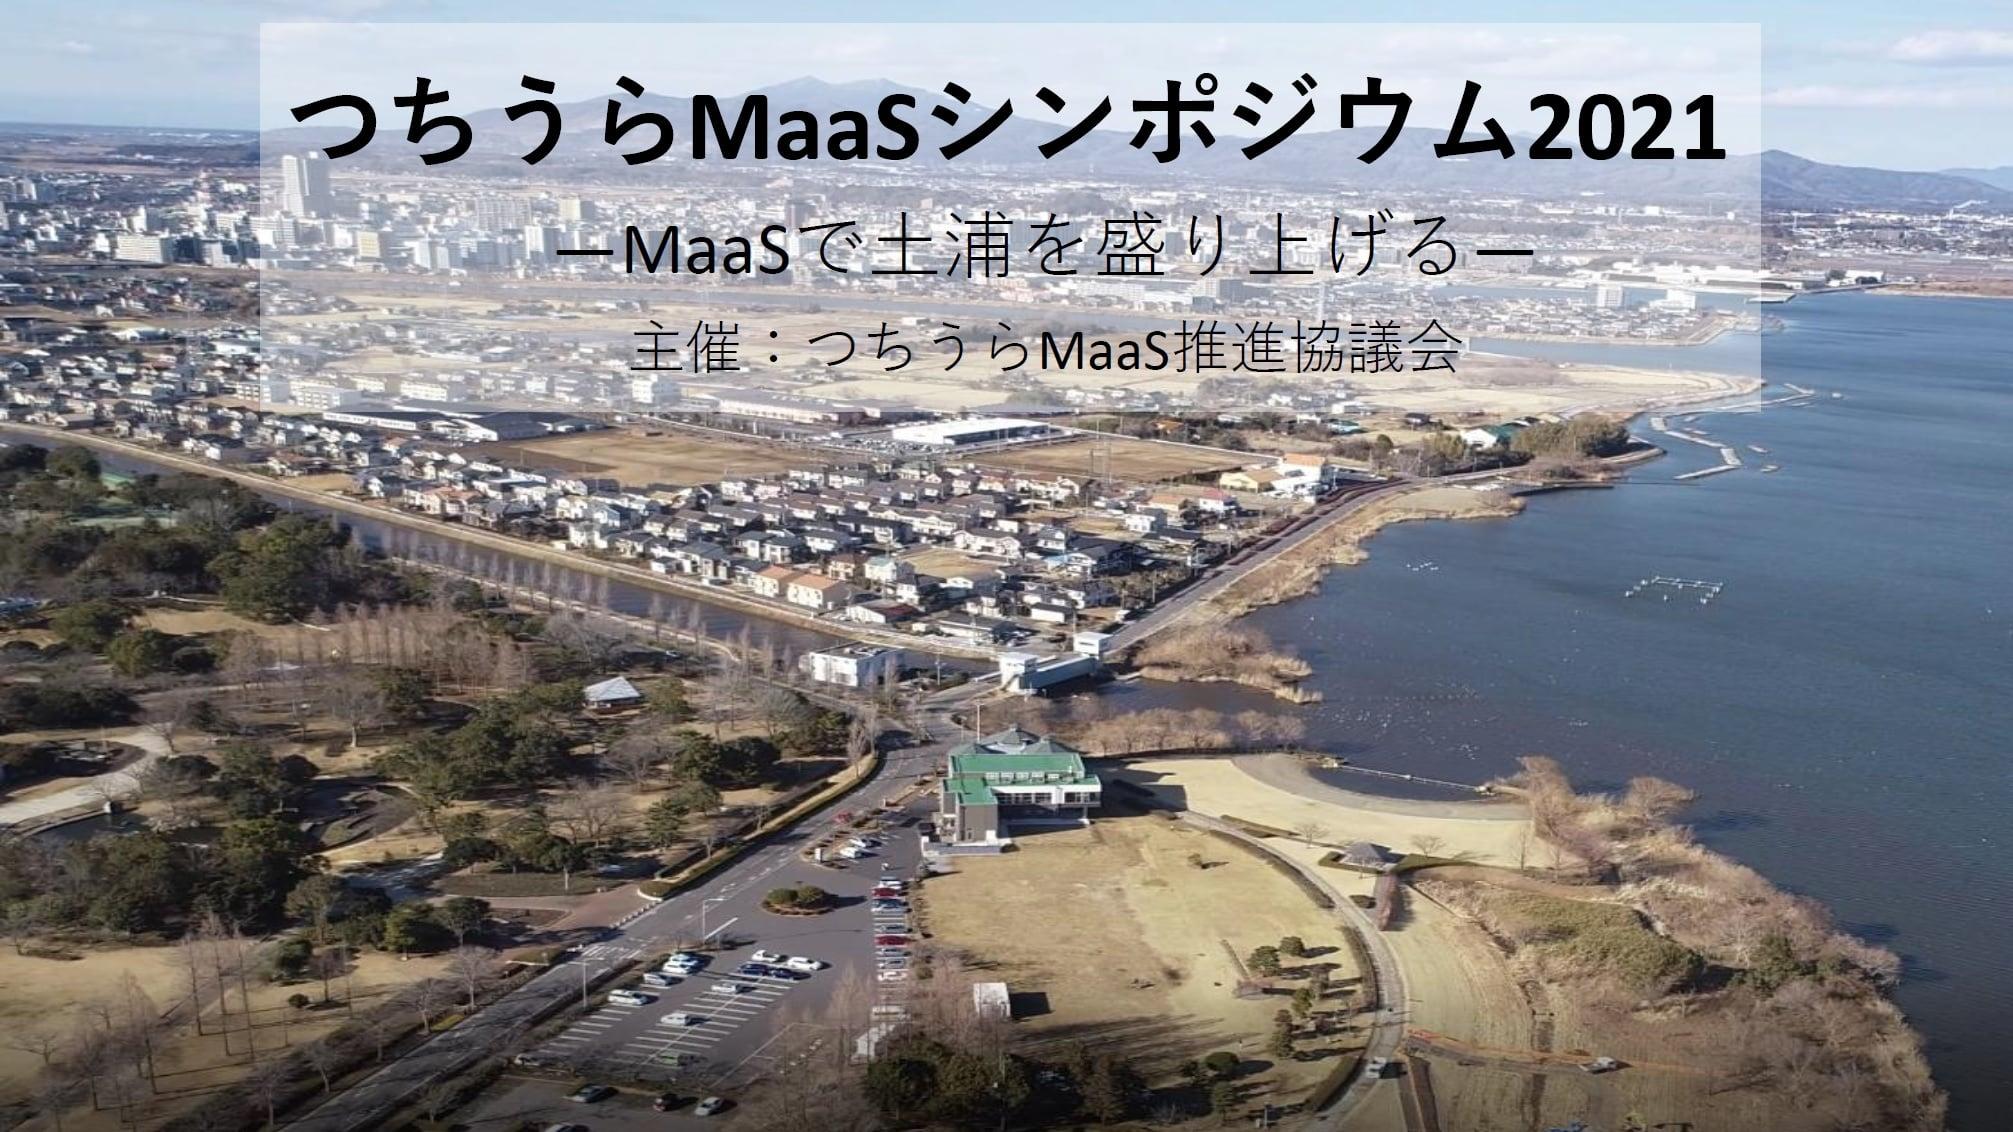 つちうらMaaSシンポジウムが開催されましたpage-visual つちうらMaaSシンポジウムが開催されましたビジュアル